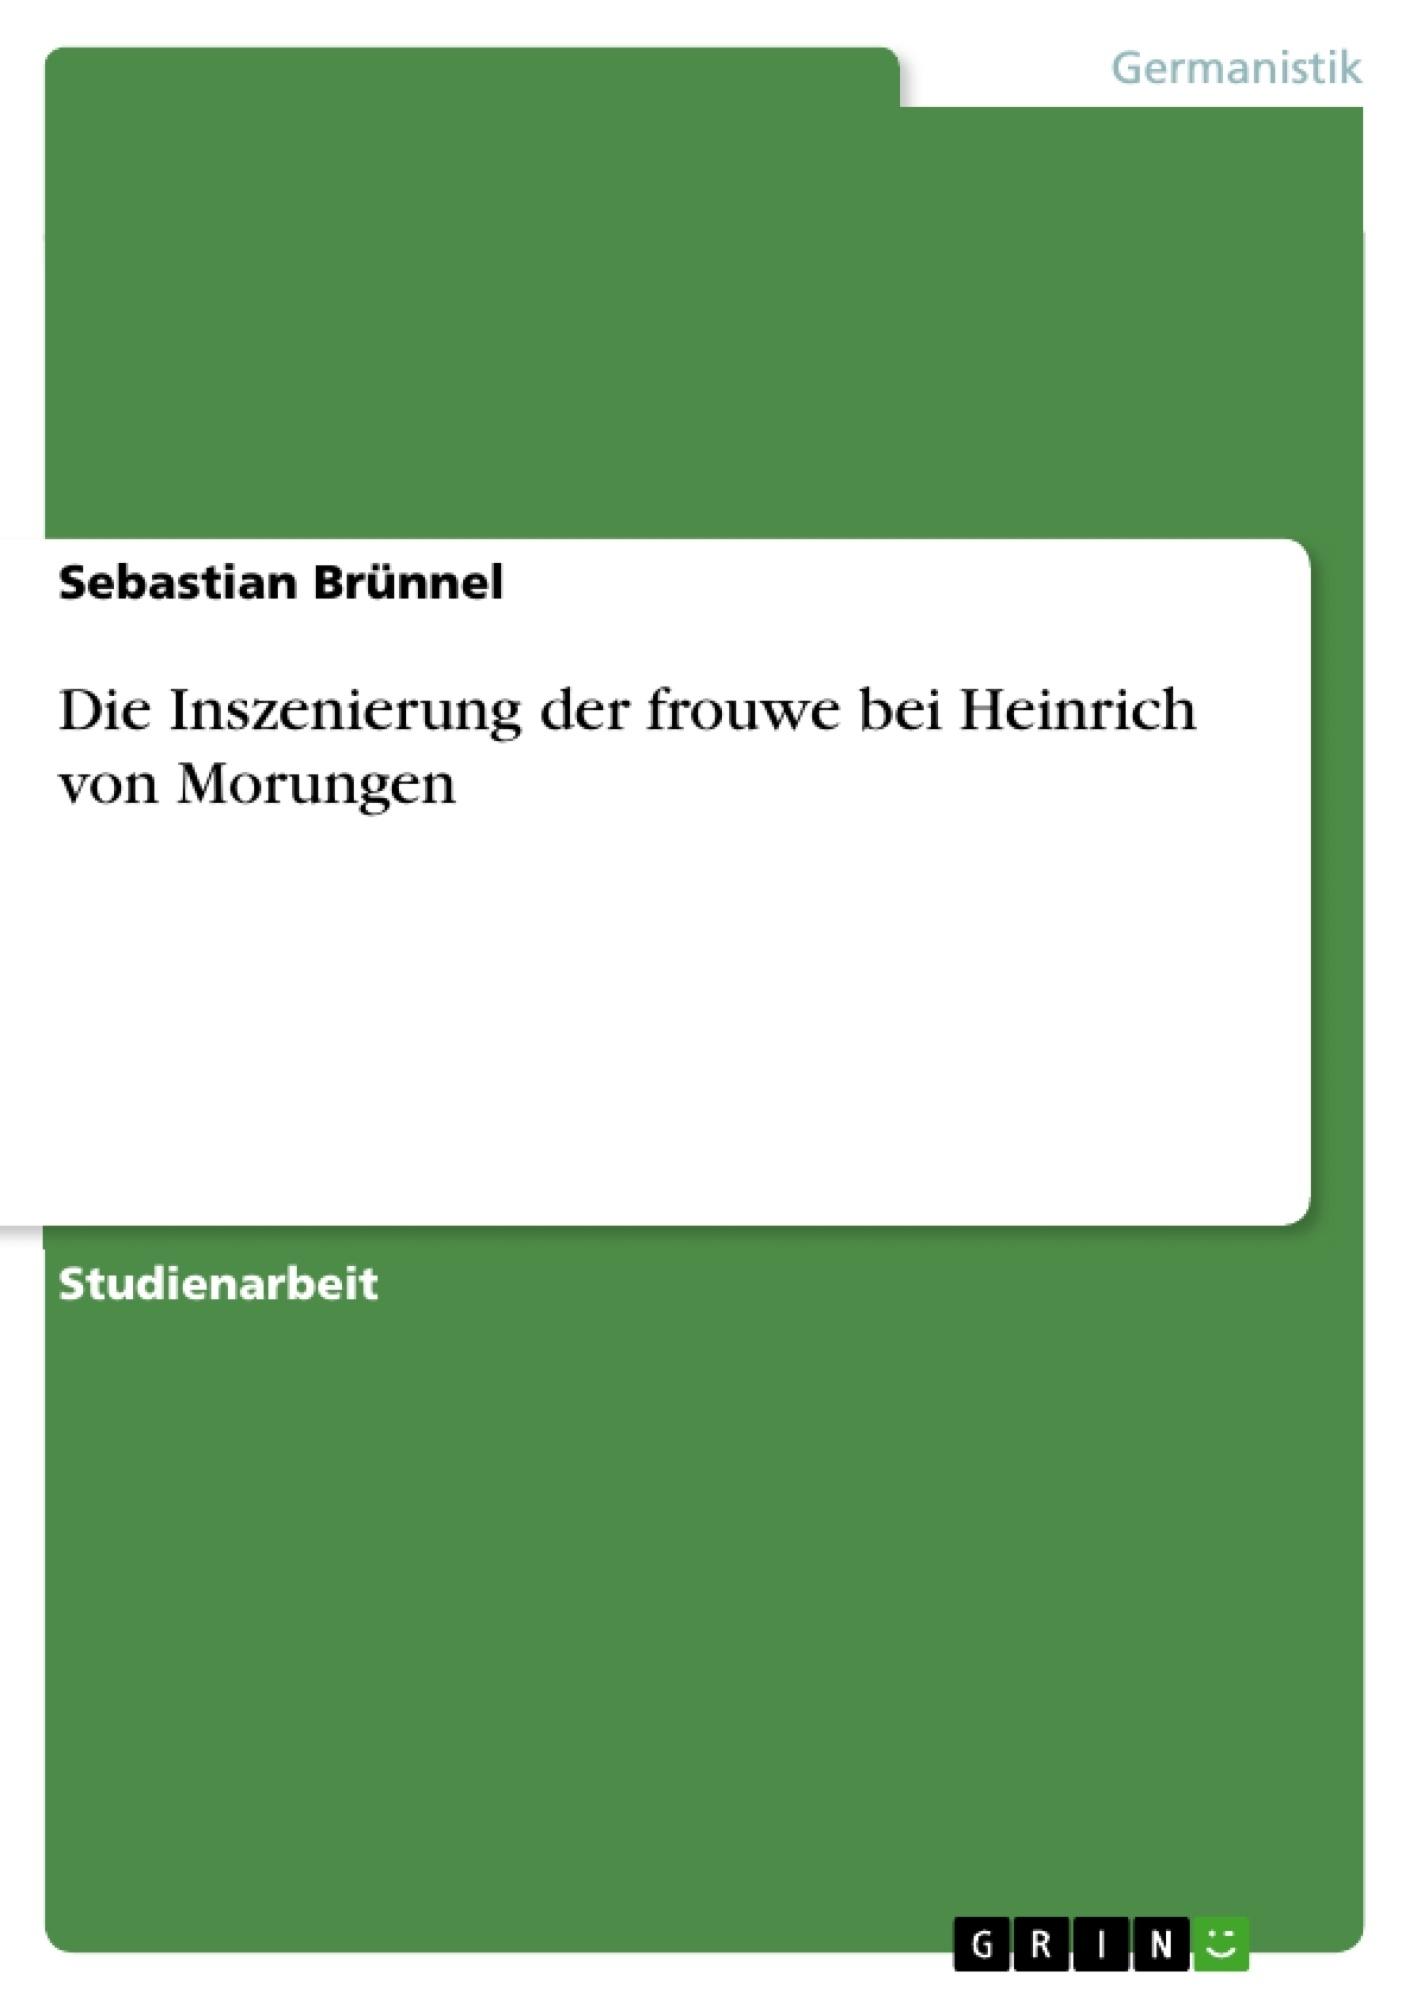 Titel: Die Inszenierung der frouwe bei Heinrich von Morungen